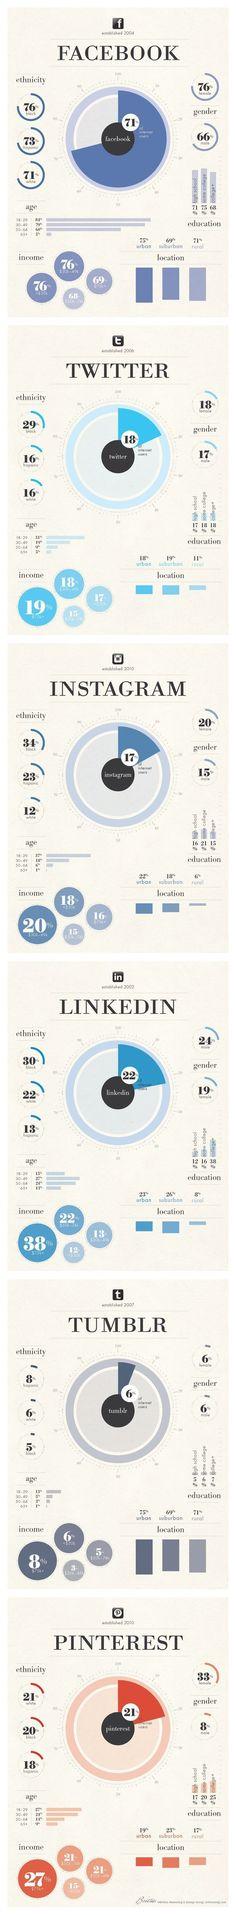 Demografía de las principales Redes Sociales http://www.rubendelaosa.com